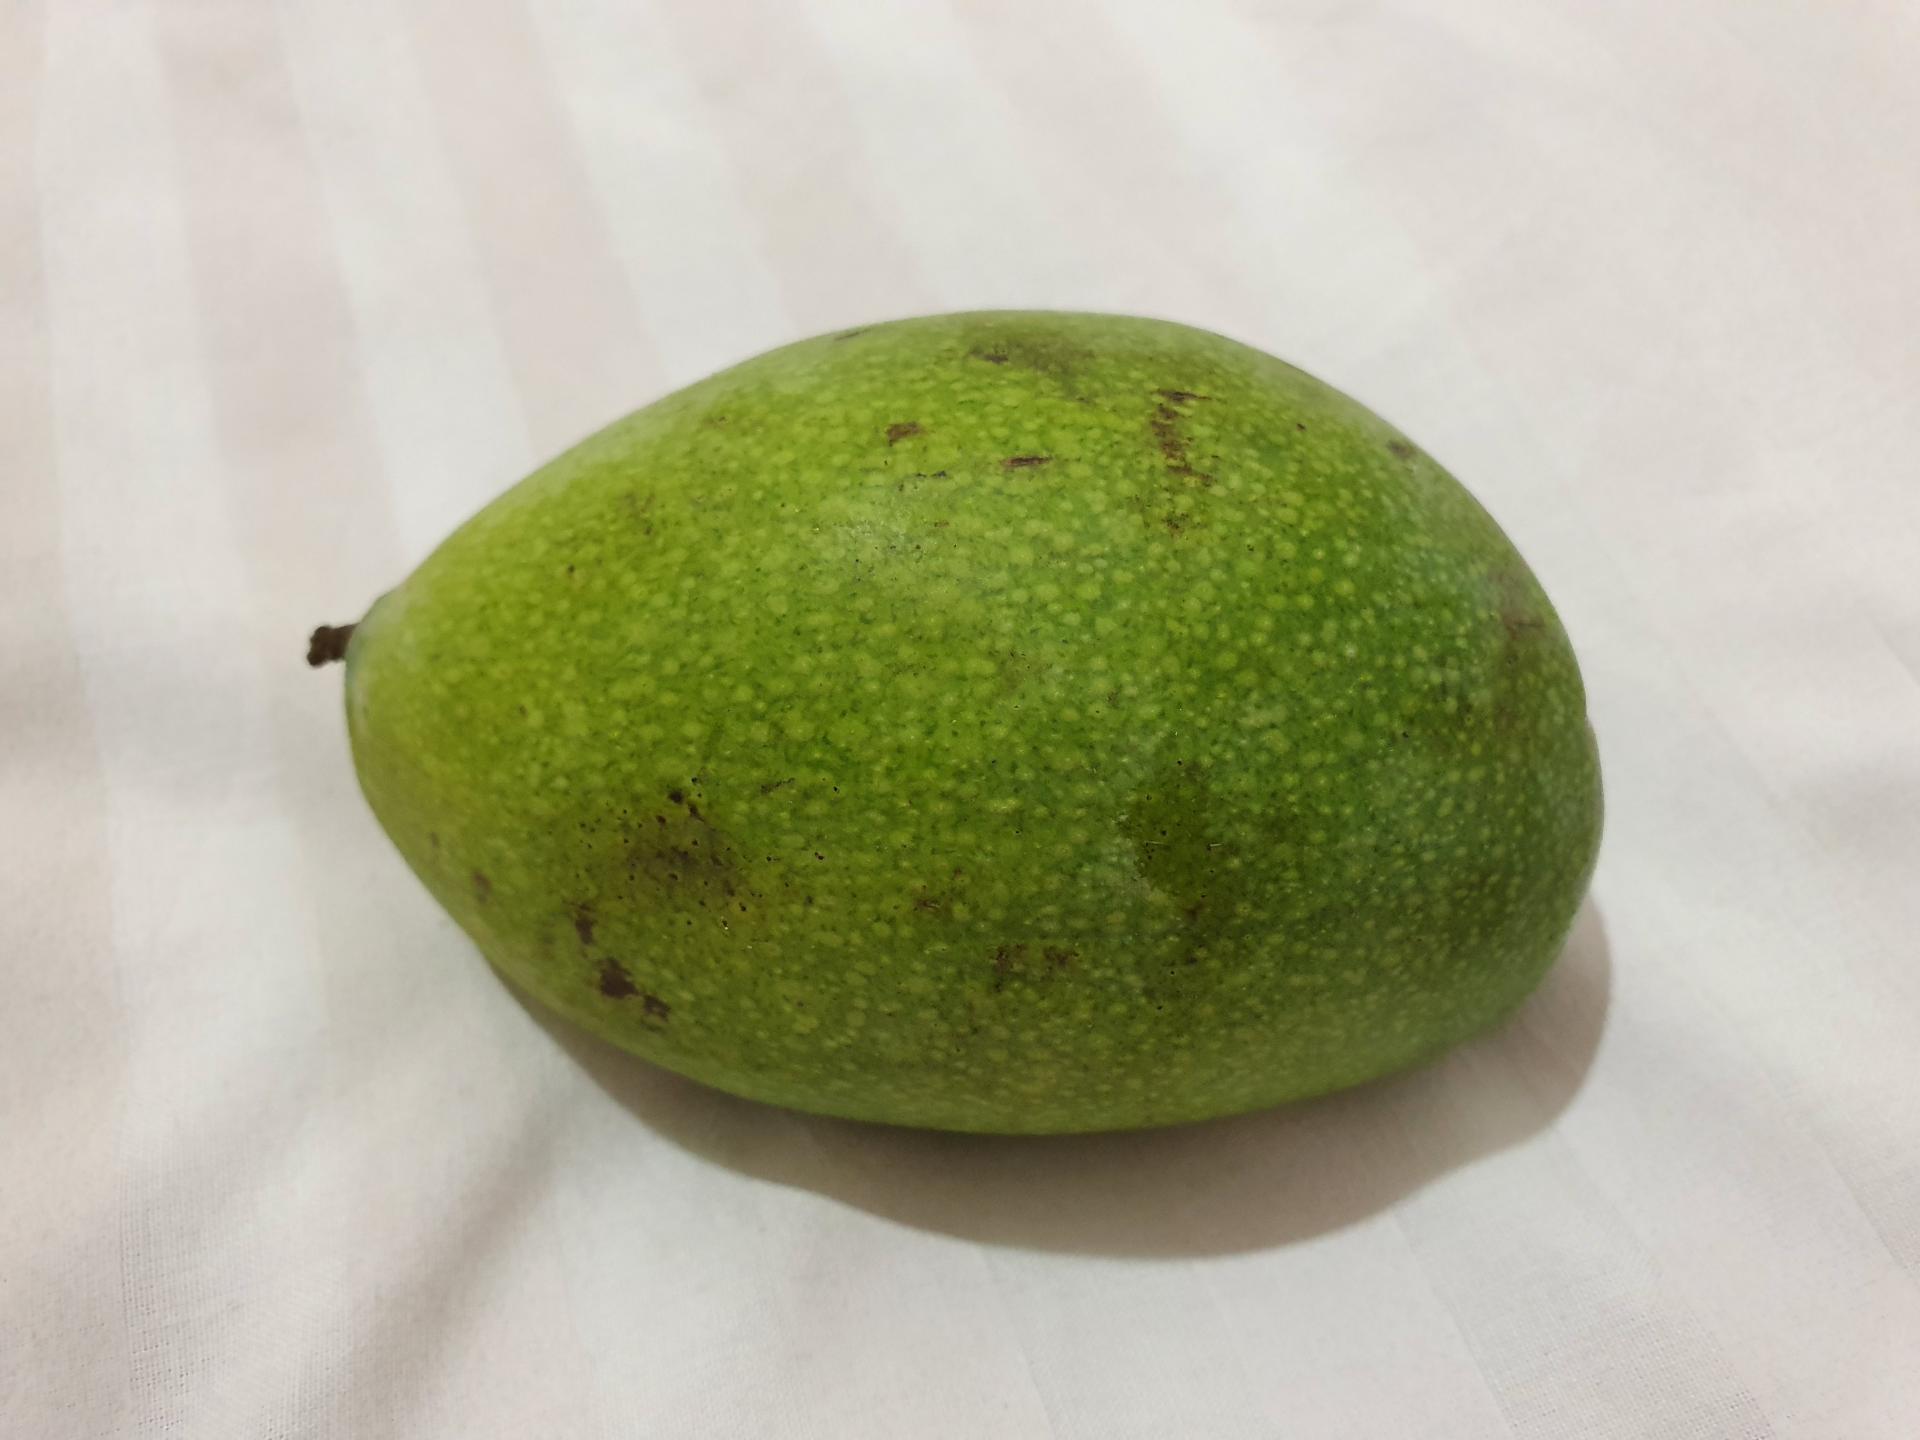 манго в Индонезии